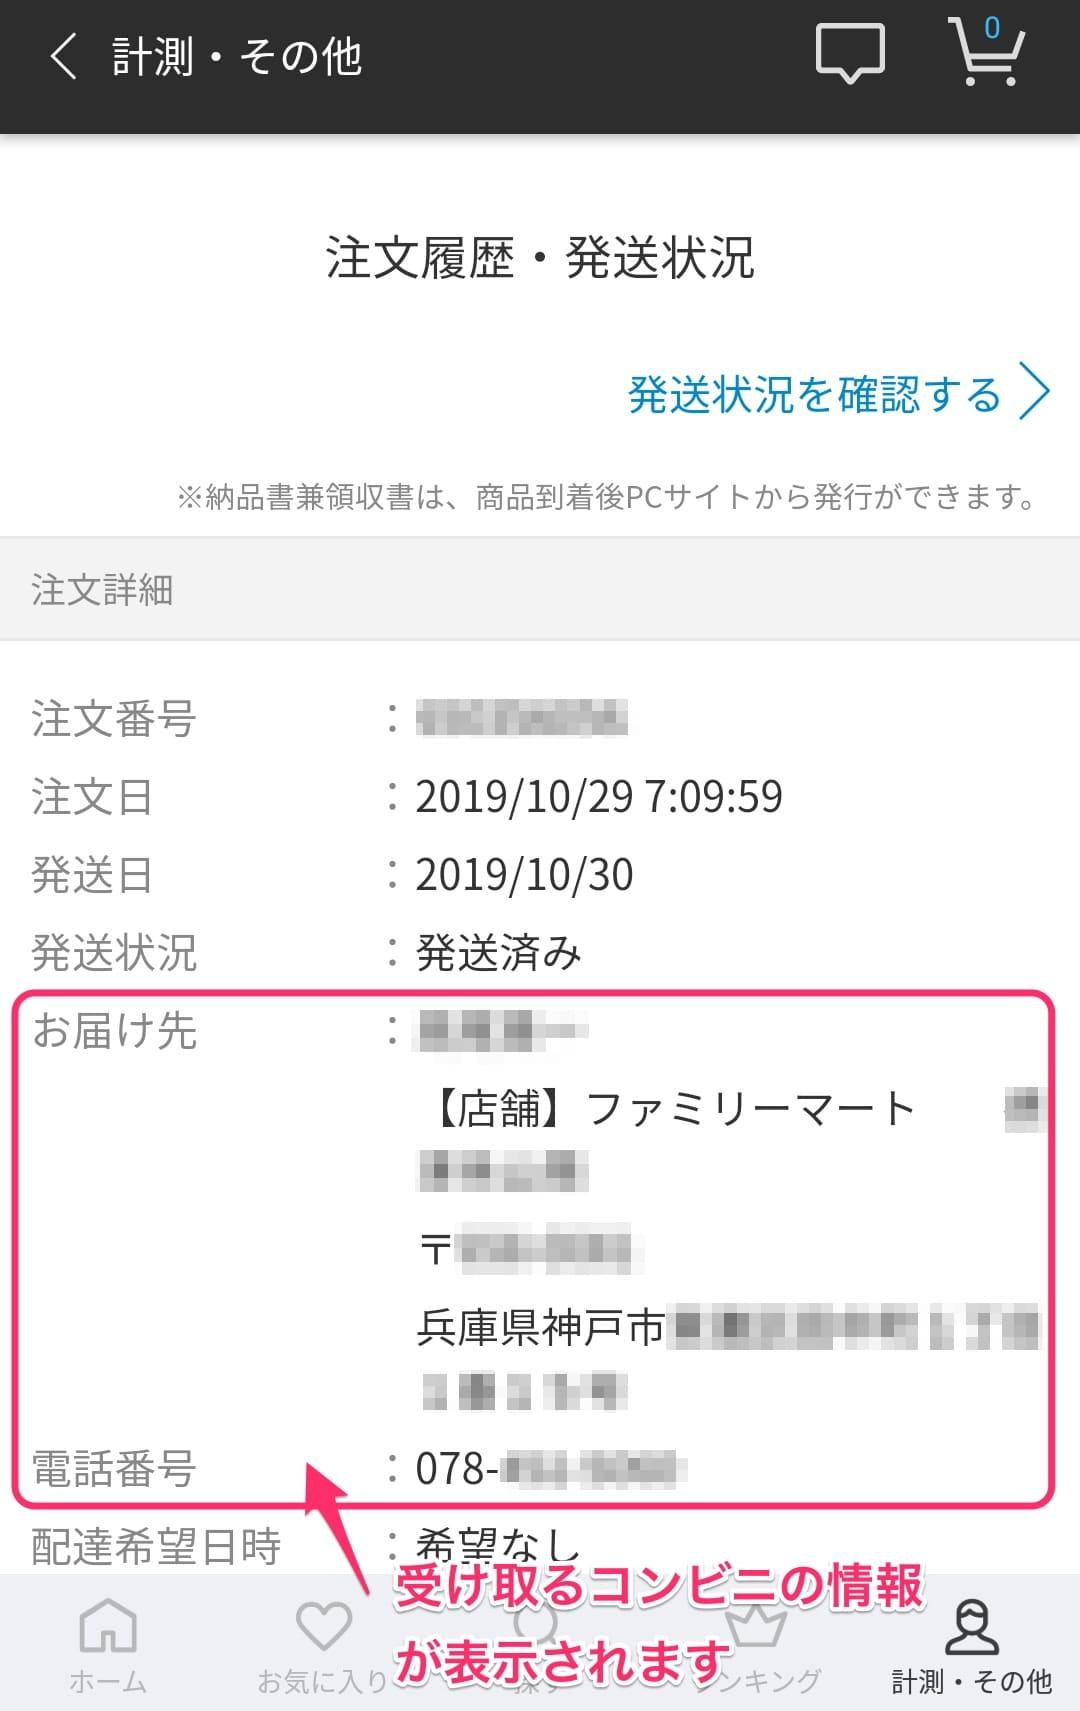 注文後、画面右下の『計測・その他』を押して「注文履歴・発送状況」を確認すると受け取るコンビニの情報が表示されています